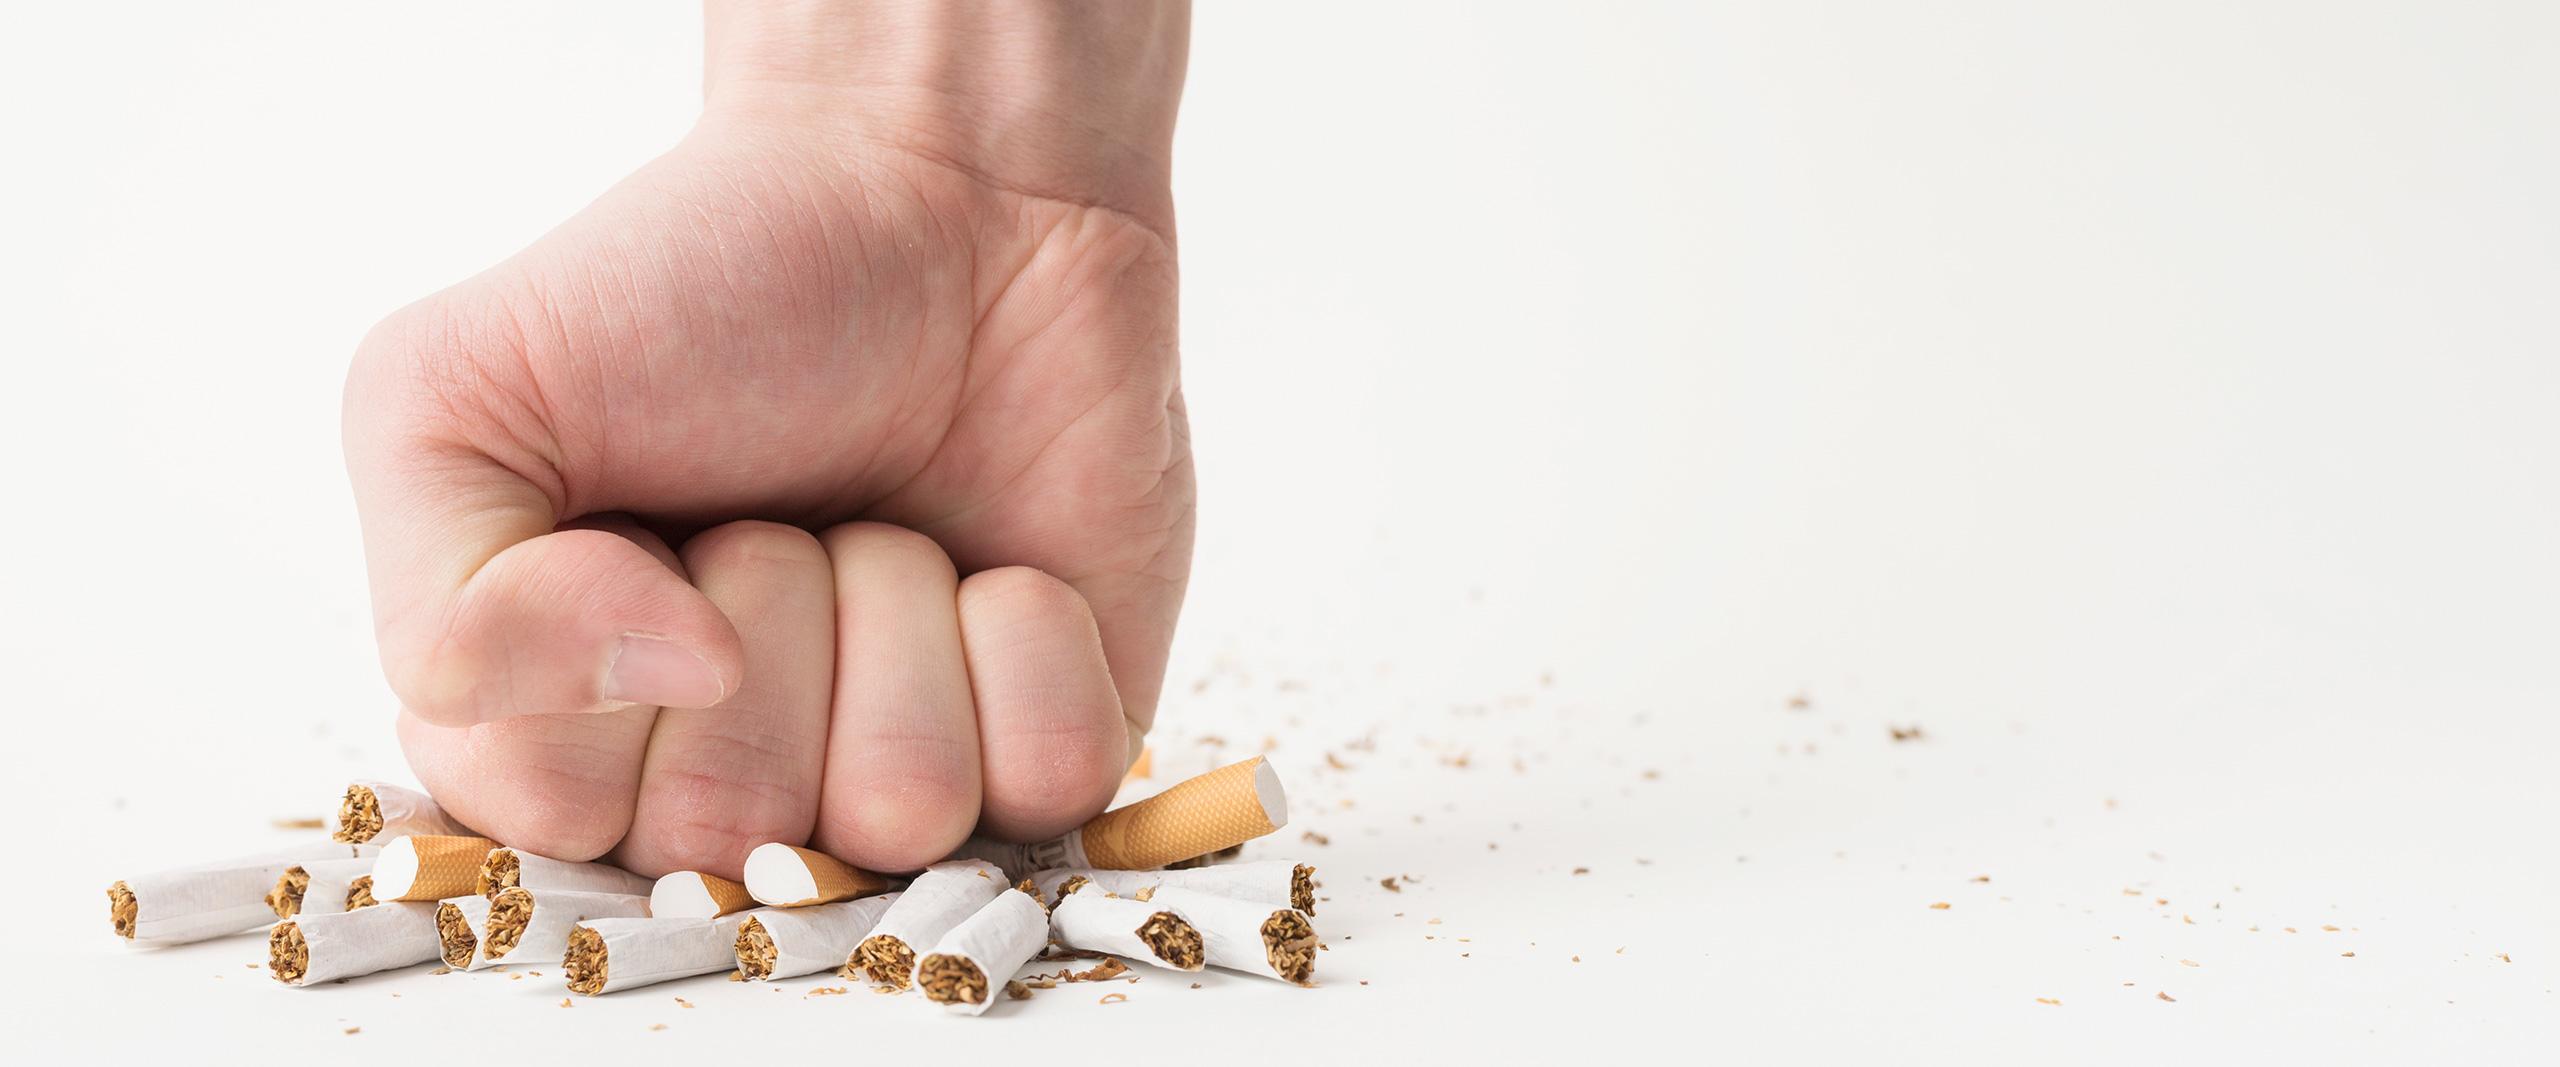 Rauchfrei lohnt sich!